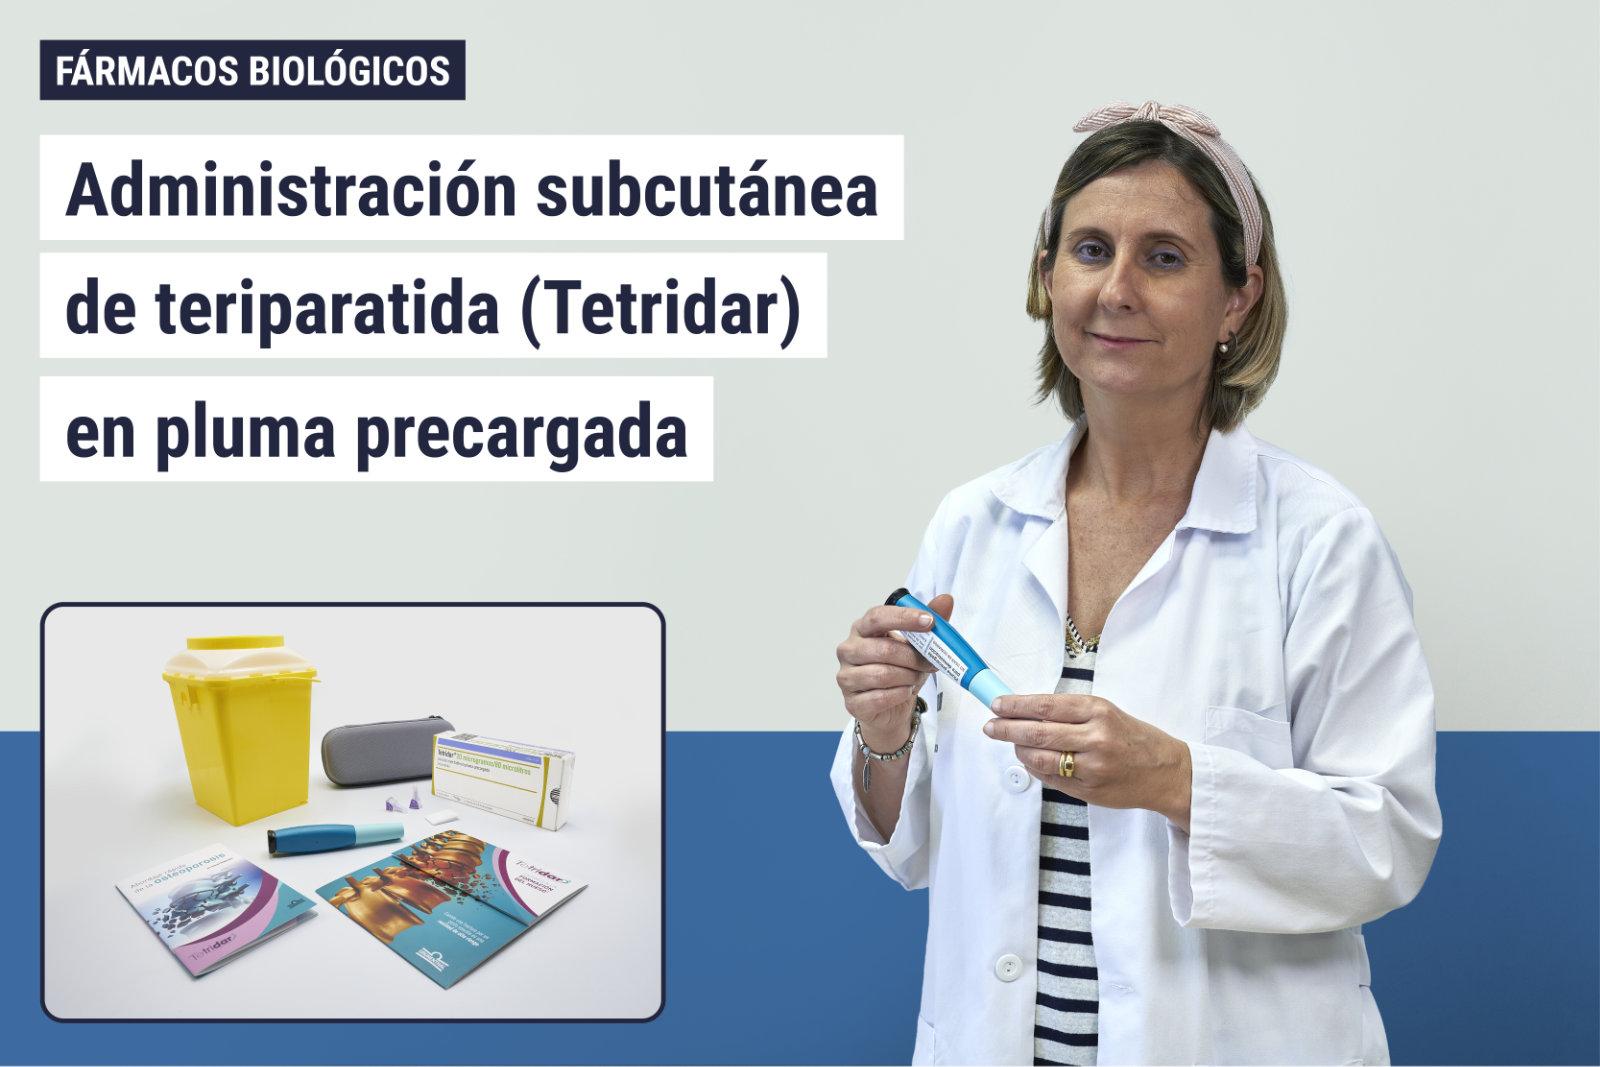 Administración subcutánea de teriparatida (tetridar) en pluma precargada